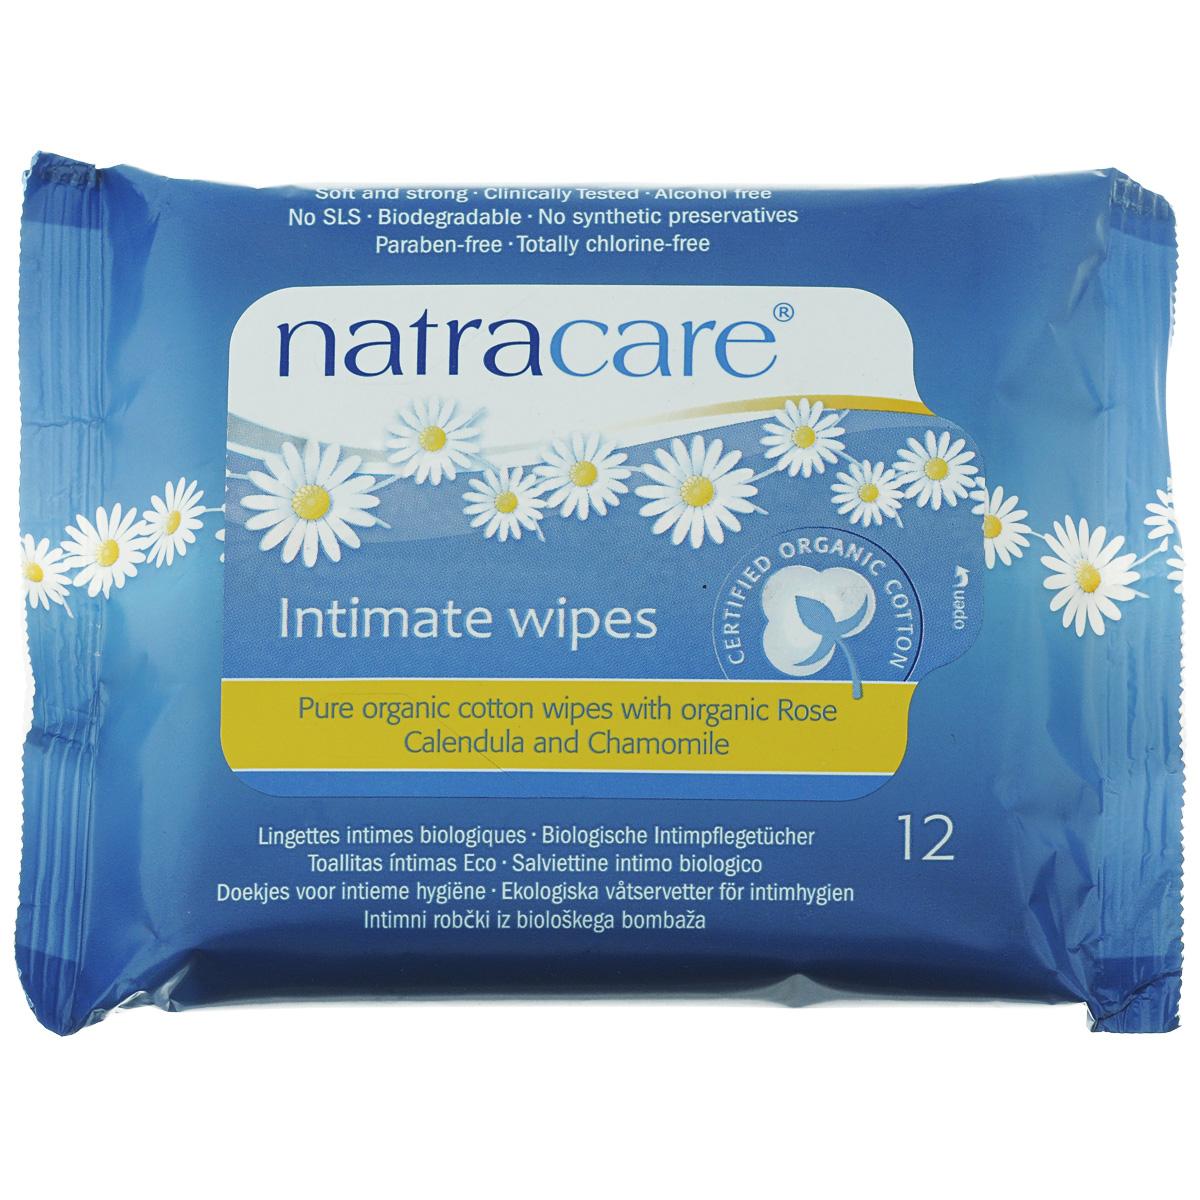 Влажные очищающие салфетки Natracare Organic Cotton для интимной гигиены, 12 шт782126200150Влажные очищающие салфетки Natracare Organic Cotton предназначены для ежедневной интимной гигиены, будут необходимы во время путешествий. Салфетки, обогащенные Био эфирными маслами, изготовлены из 100% Био-хлопка, не содержат вредные ингредиенты, не отбелены хлором, и полностью разлагаются после применения. Мягкие, прочные и клинически протестированные салфетки Natracare Organic Cotton очищают и освежают, оставляя кожу мягкой.